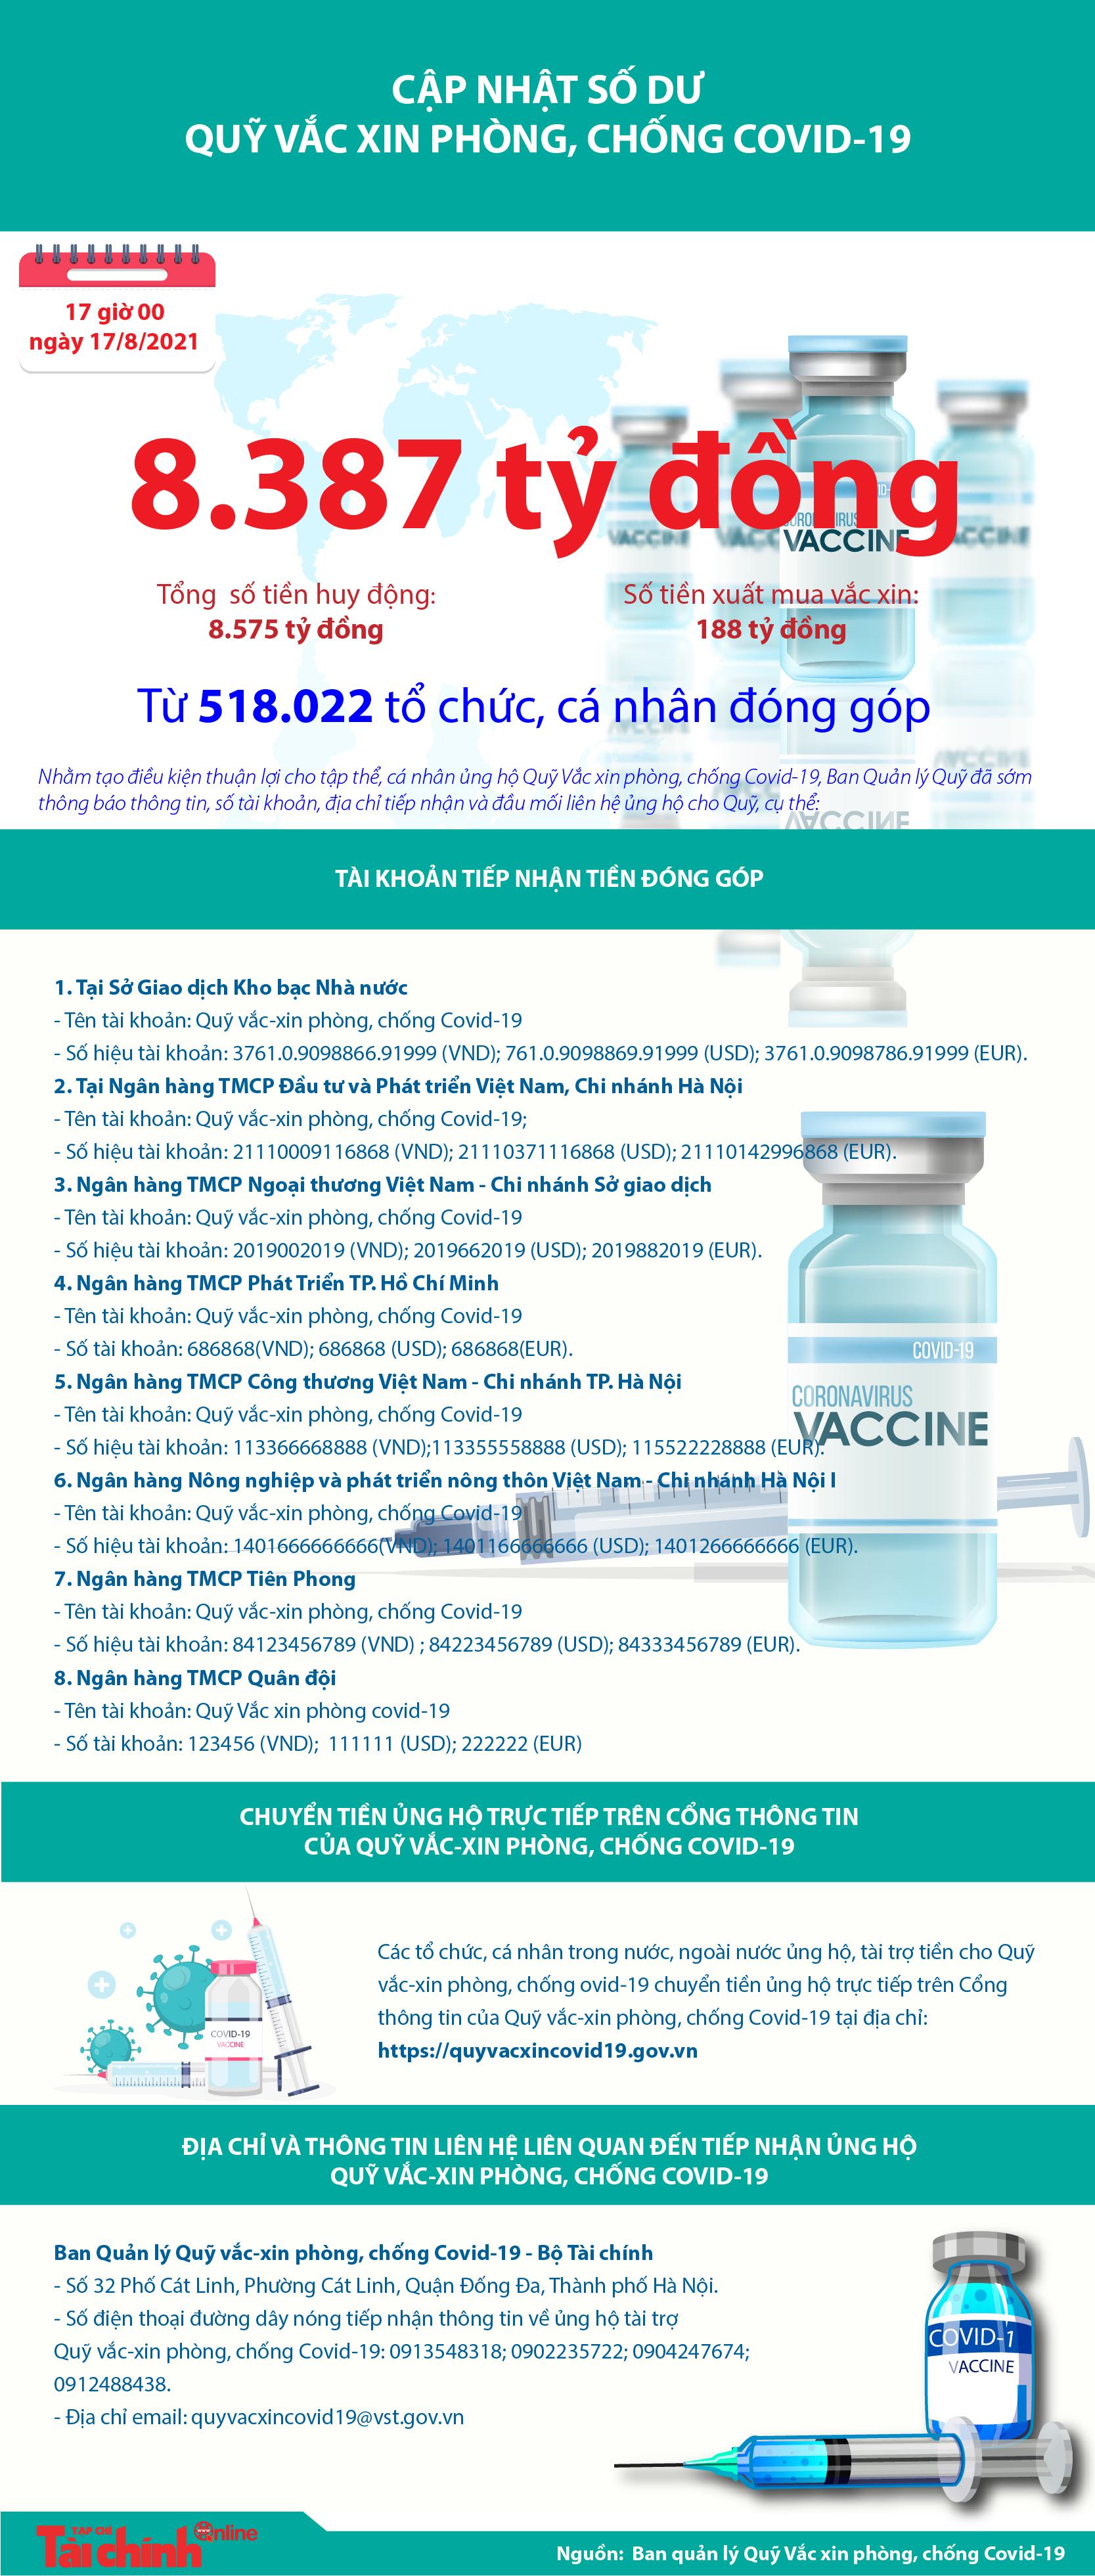 [Infographics] Quỹ Vắc xin phòng, chống COVID-19 còn dư 8.387 tỷ đồng - Ảnh 1